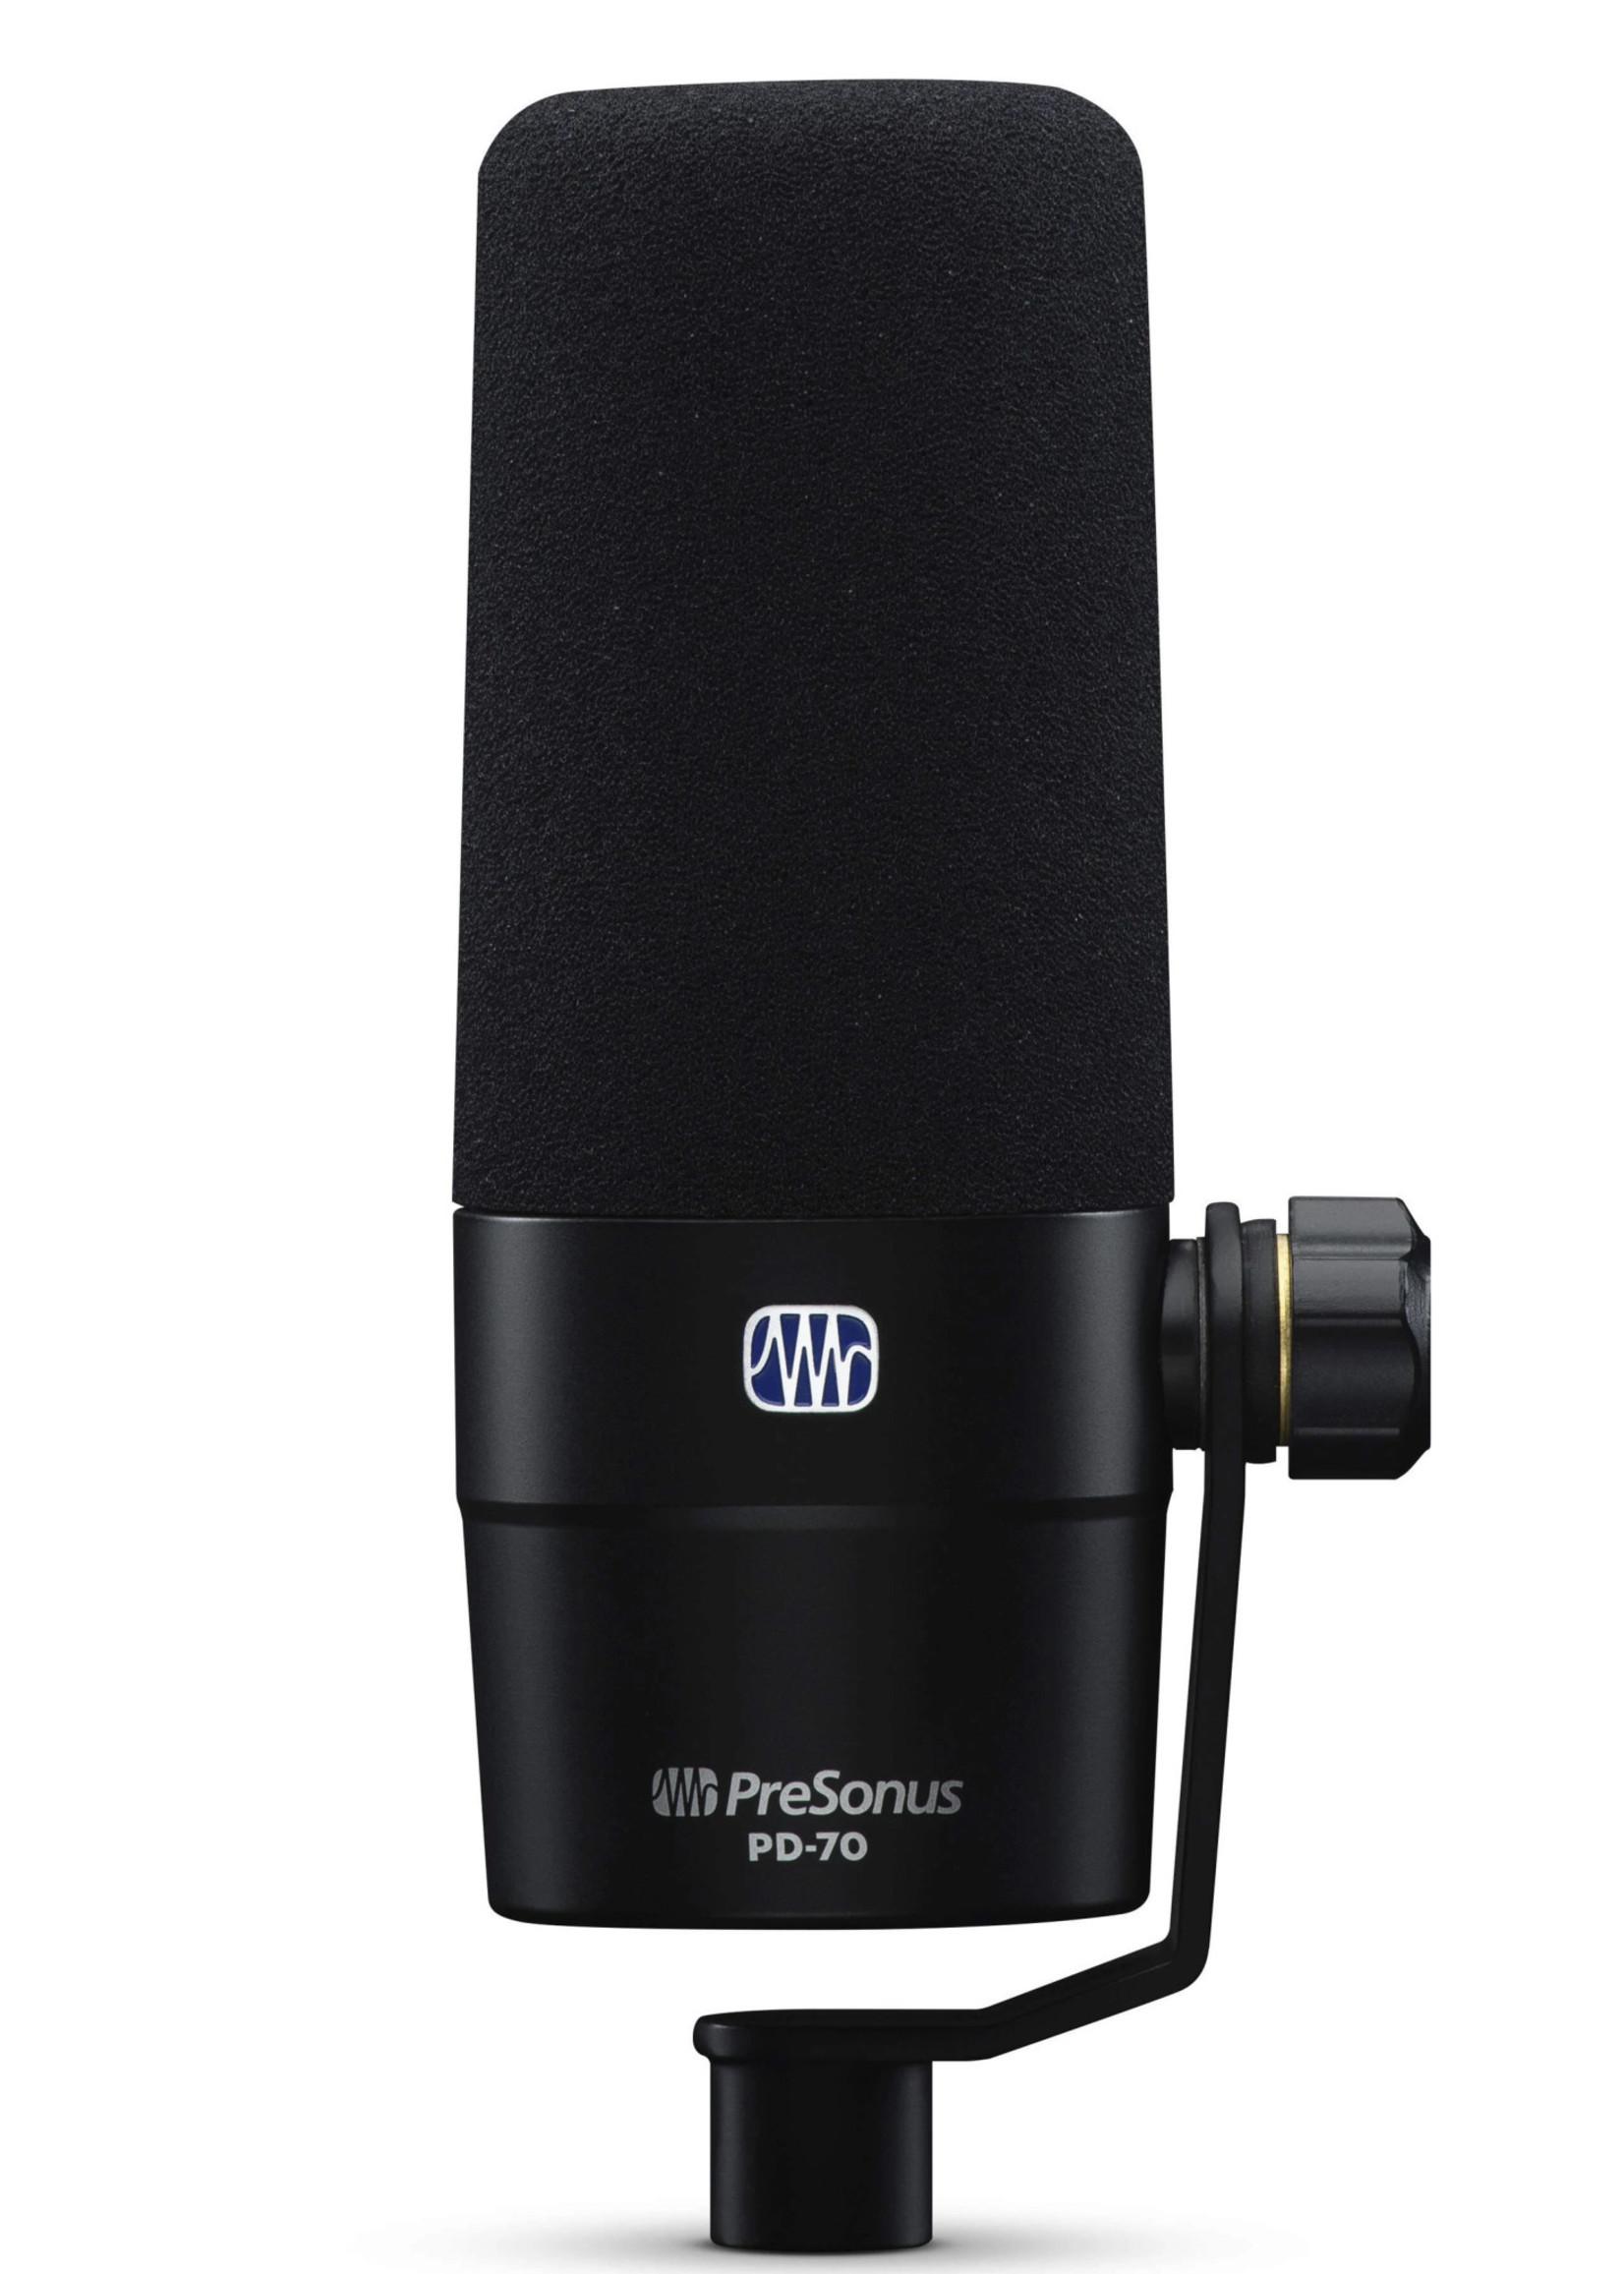 Presonus PreSonus PD-70 Broadcast Microphone